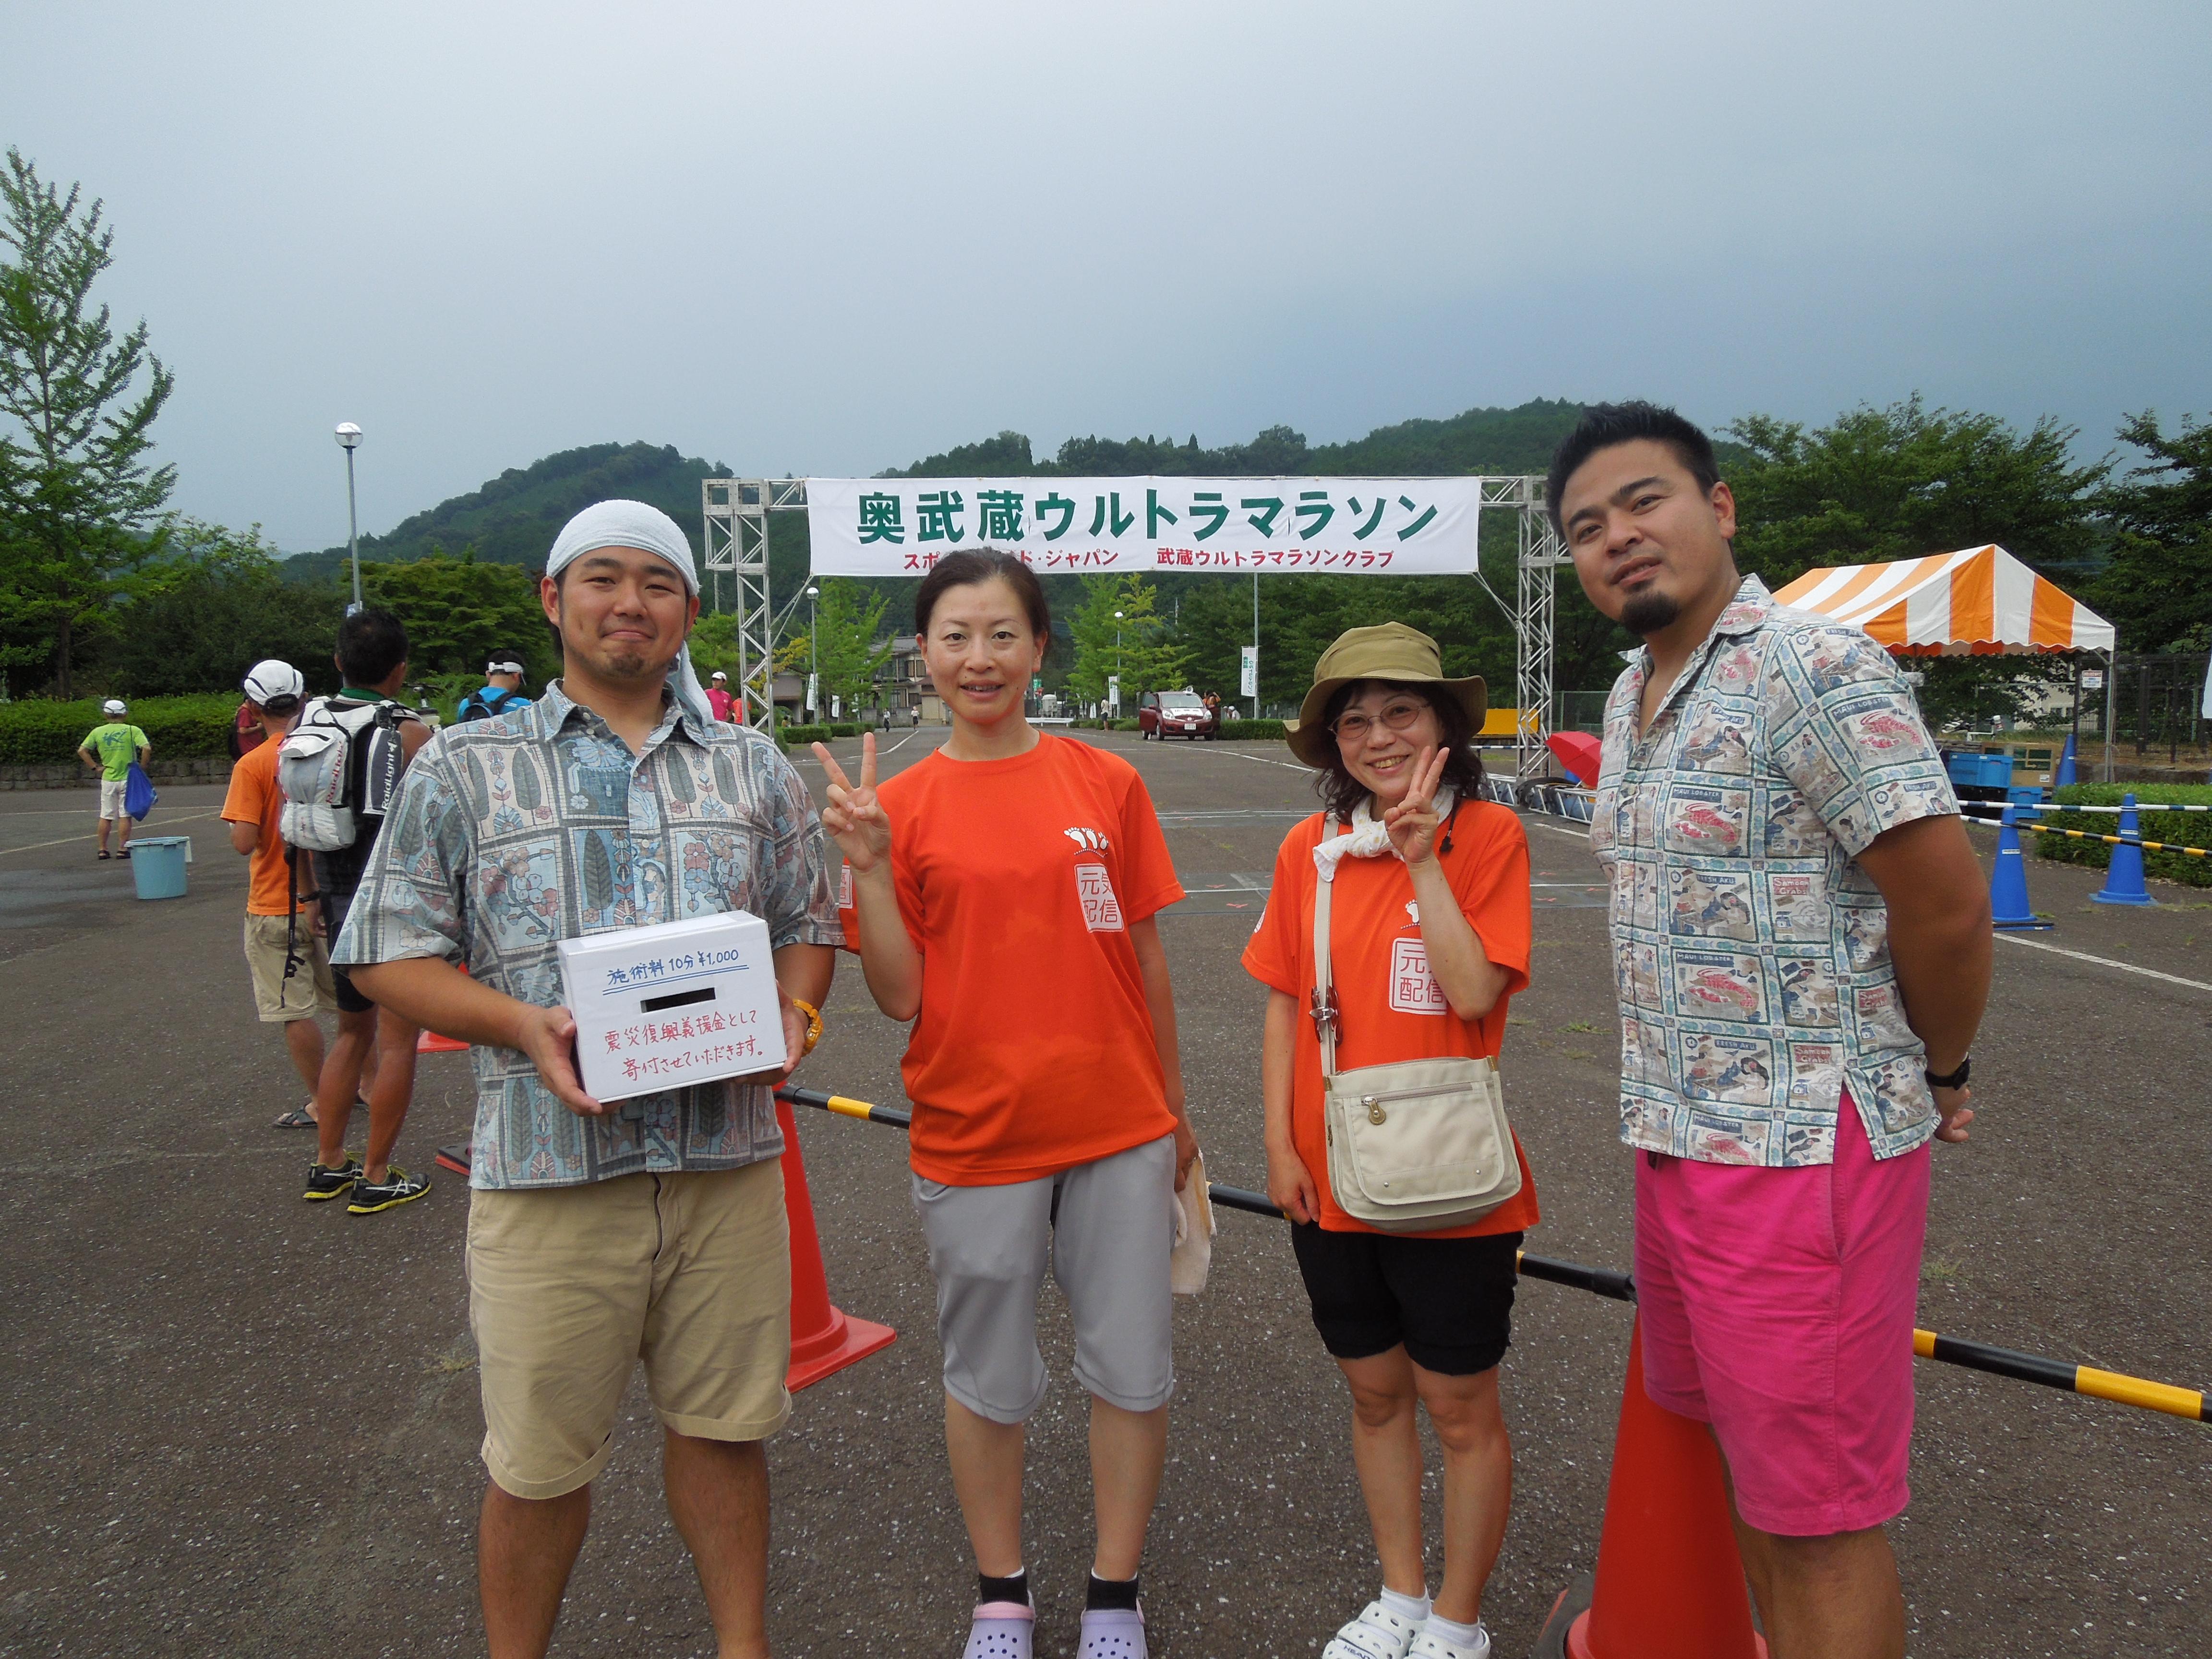 20140727_奥武蔵ウルトラマラソン